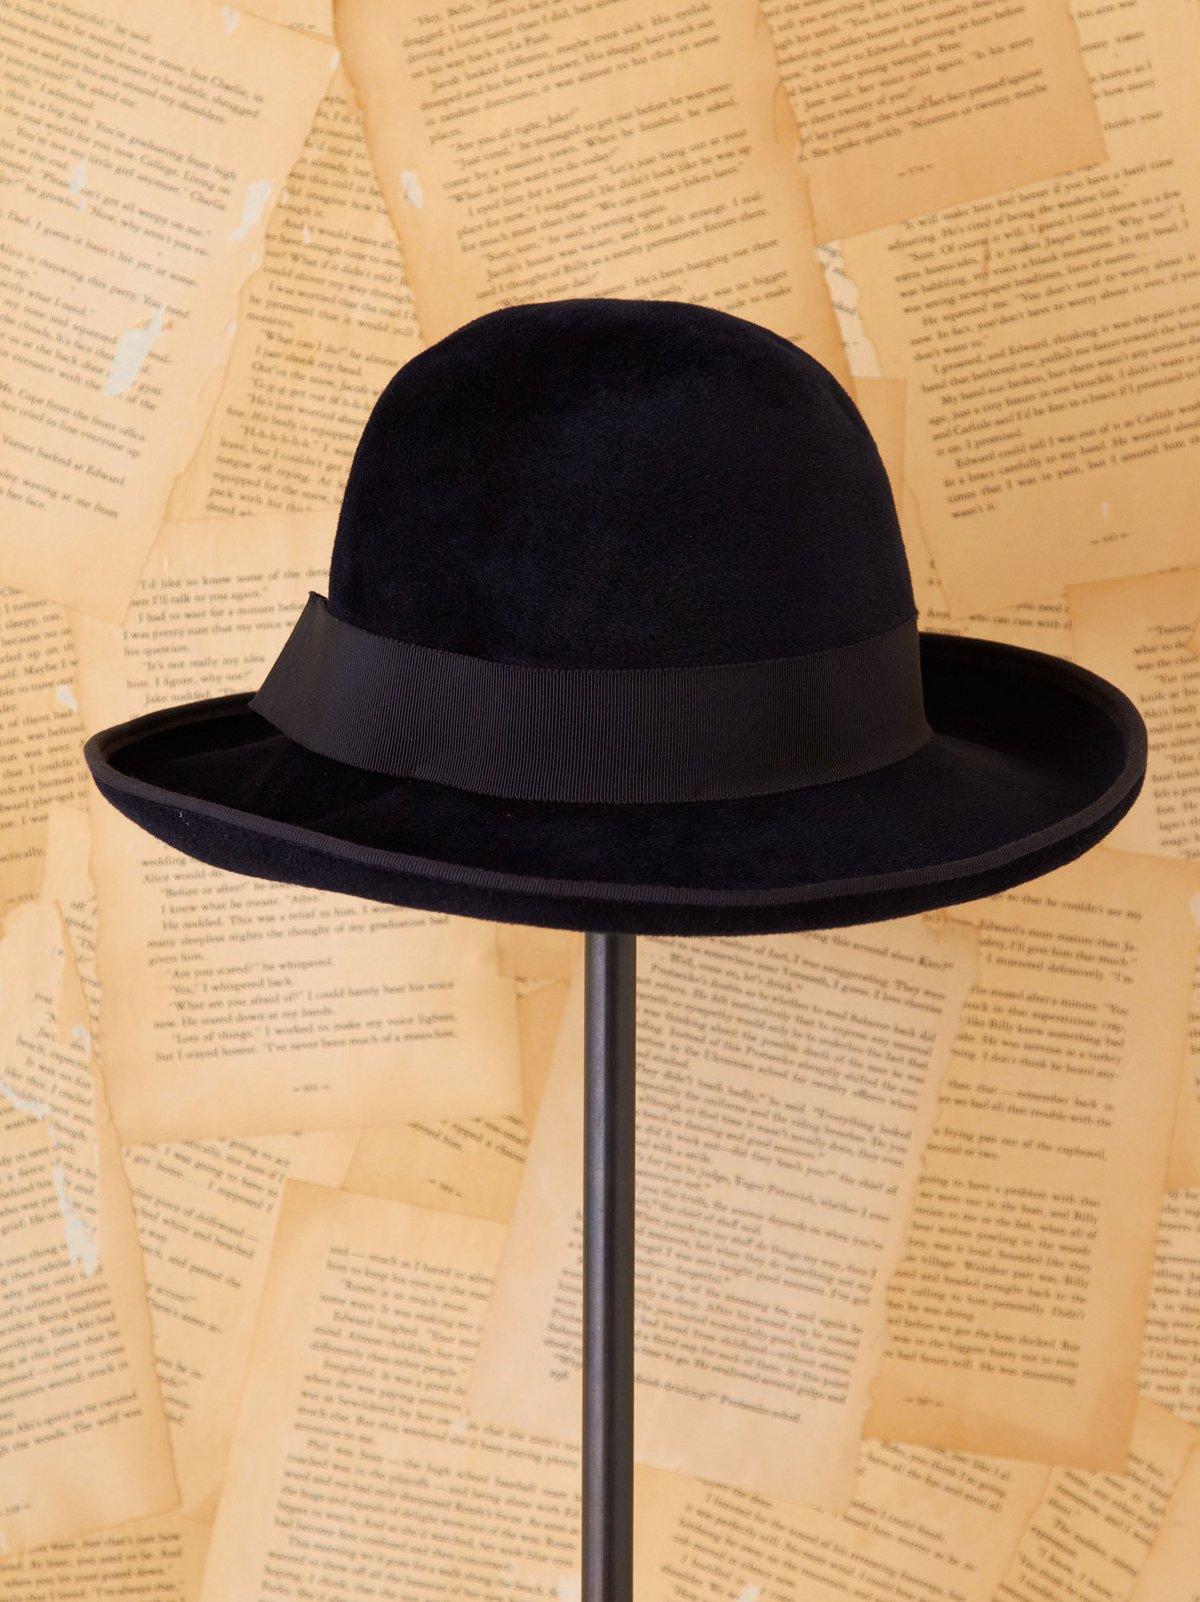 Vintage Felt Hat